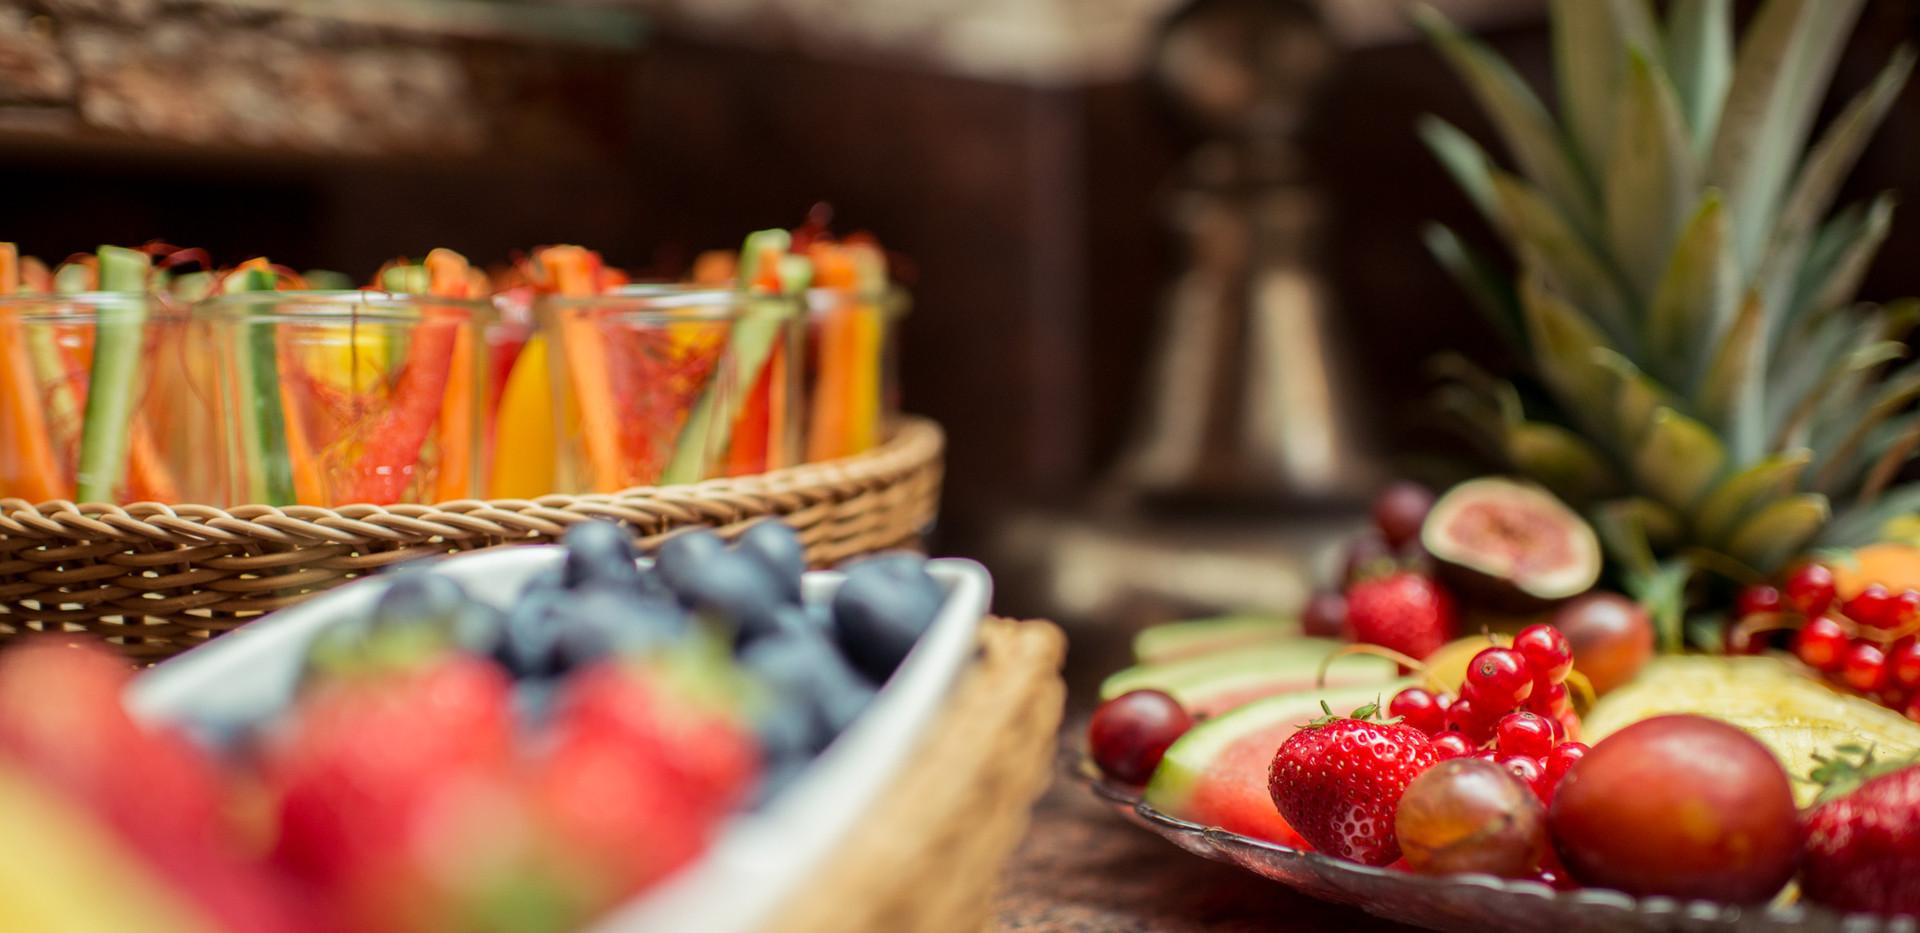 Obstbar Frühstücks-Manufaktur Buffet